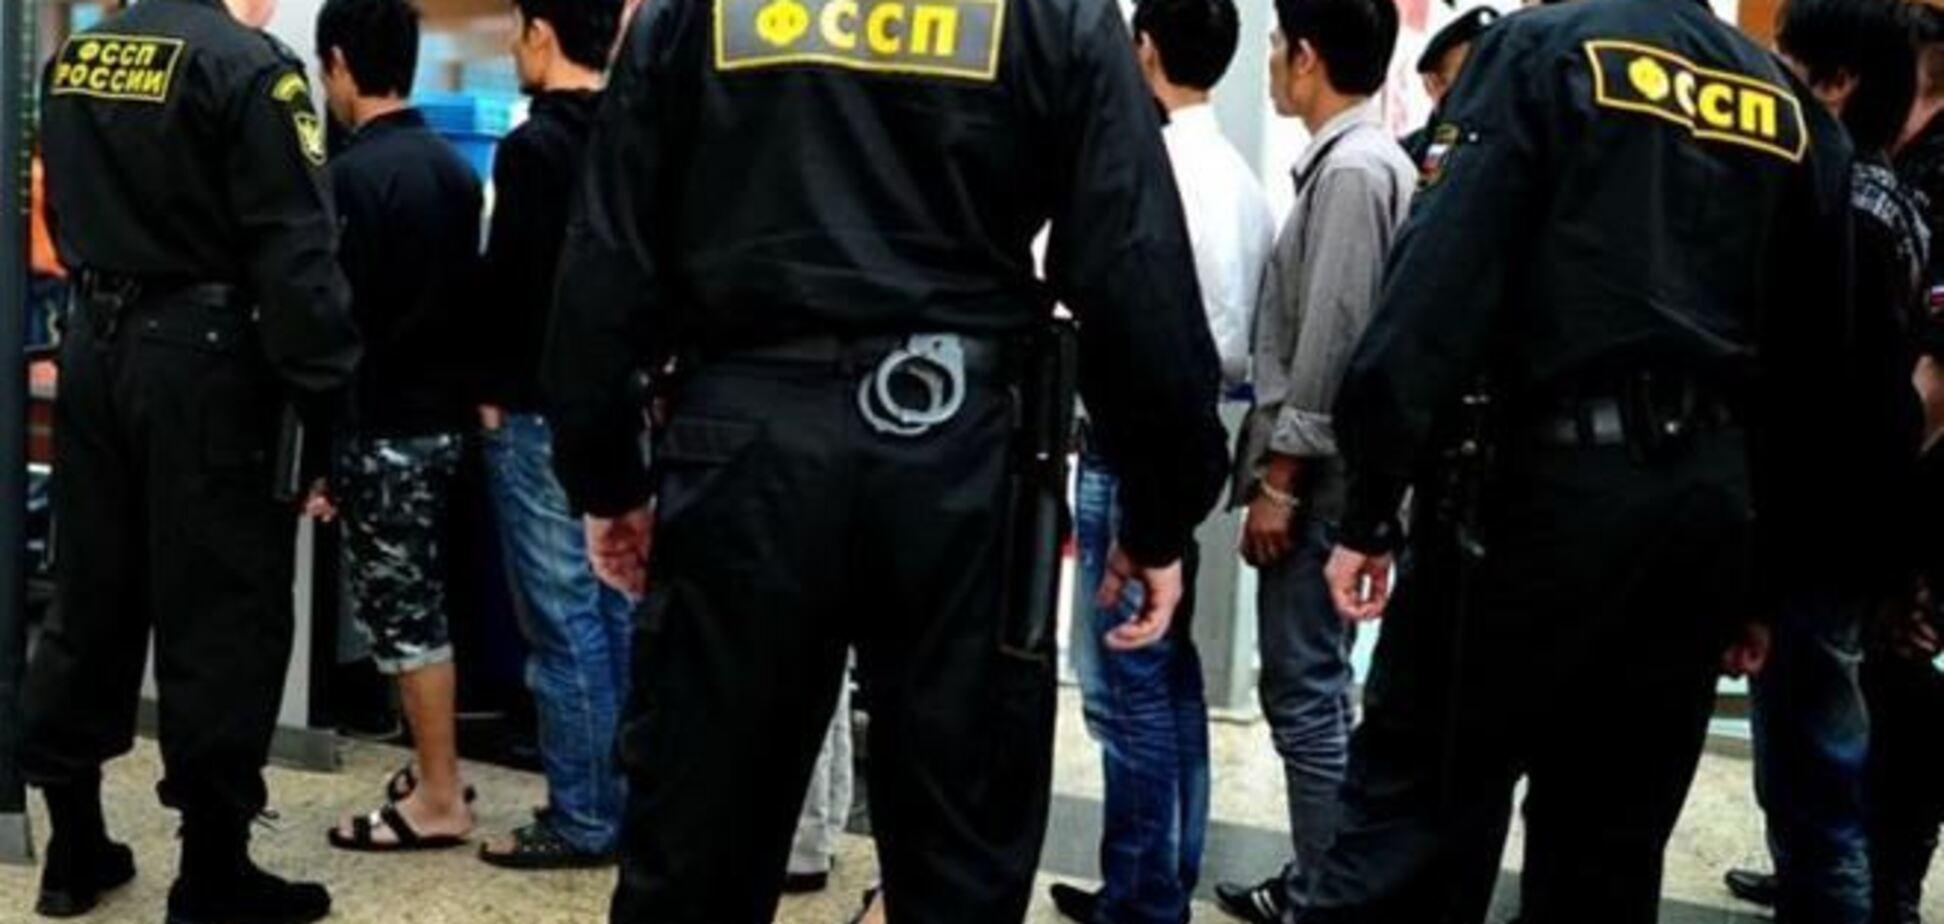 Россия депортировала двоих украинцев, задержанных ранее на границе - СМИ